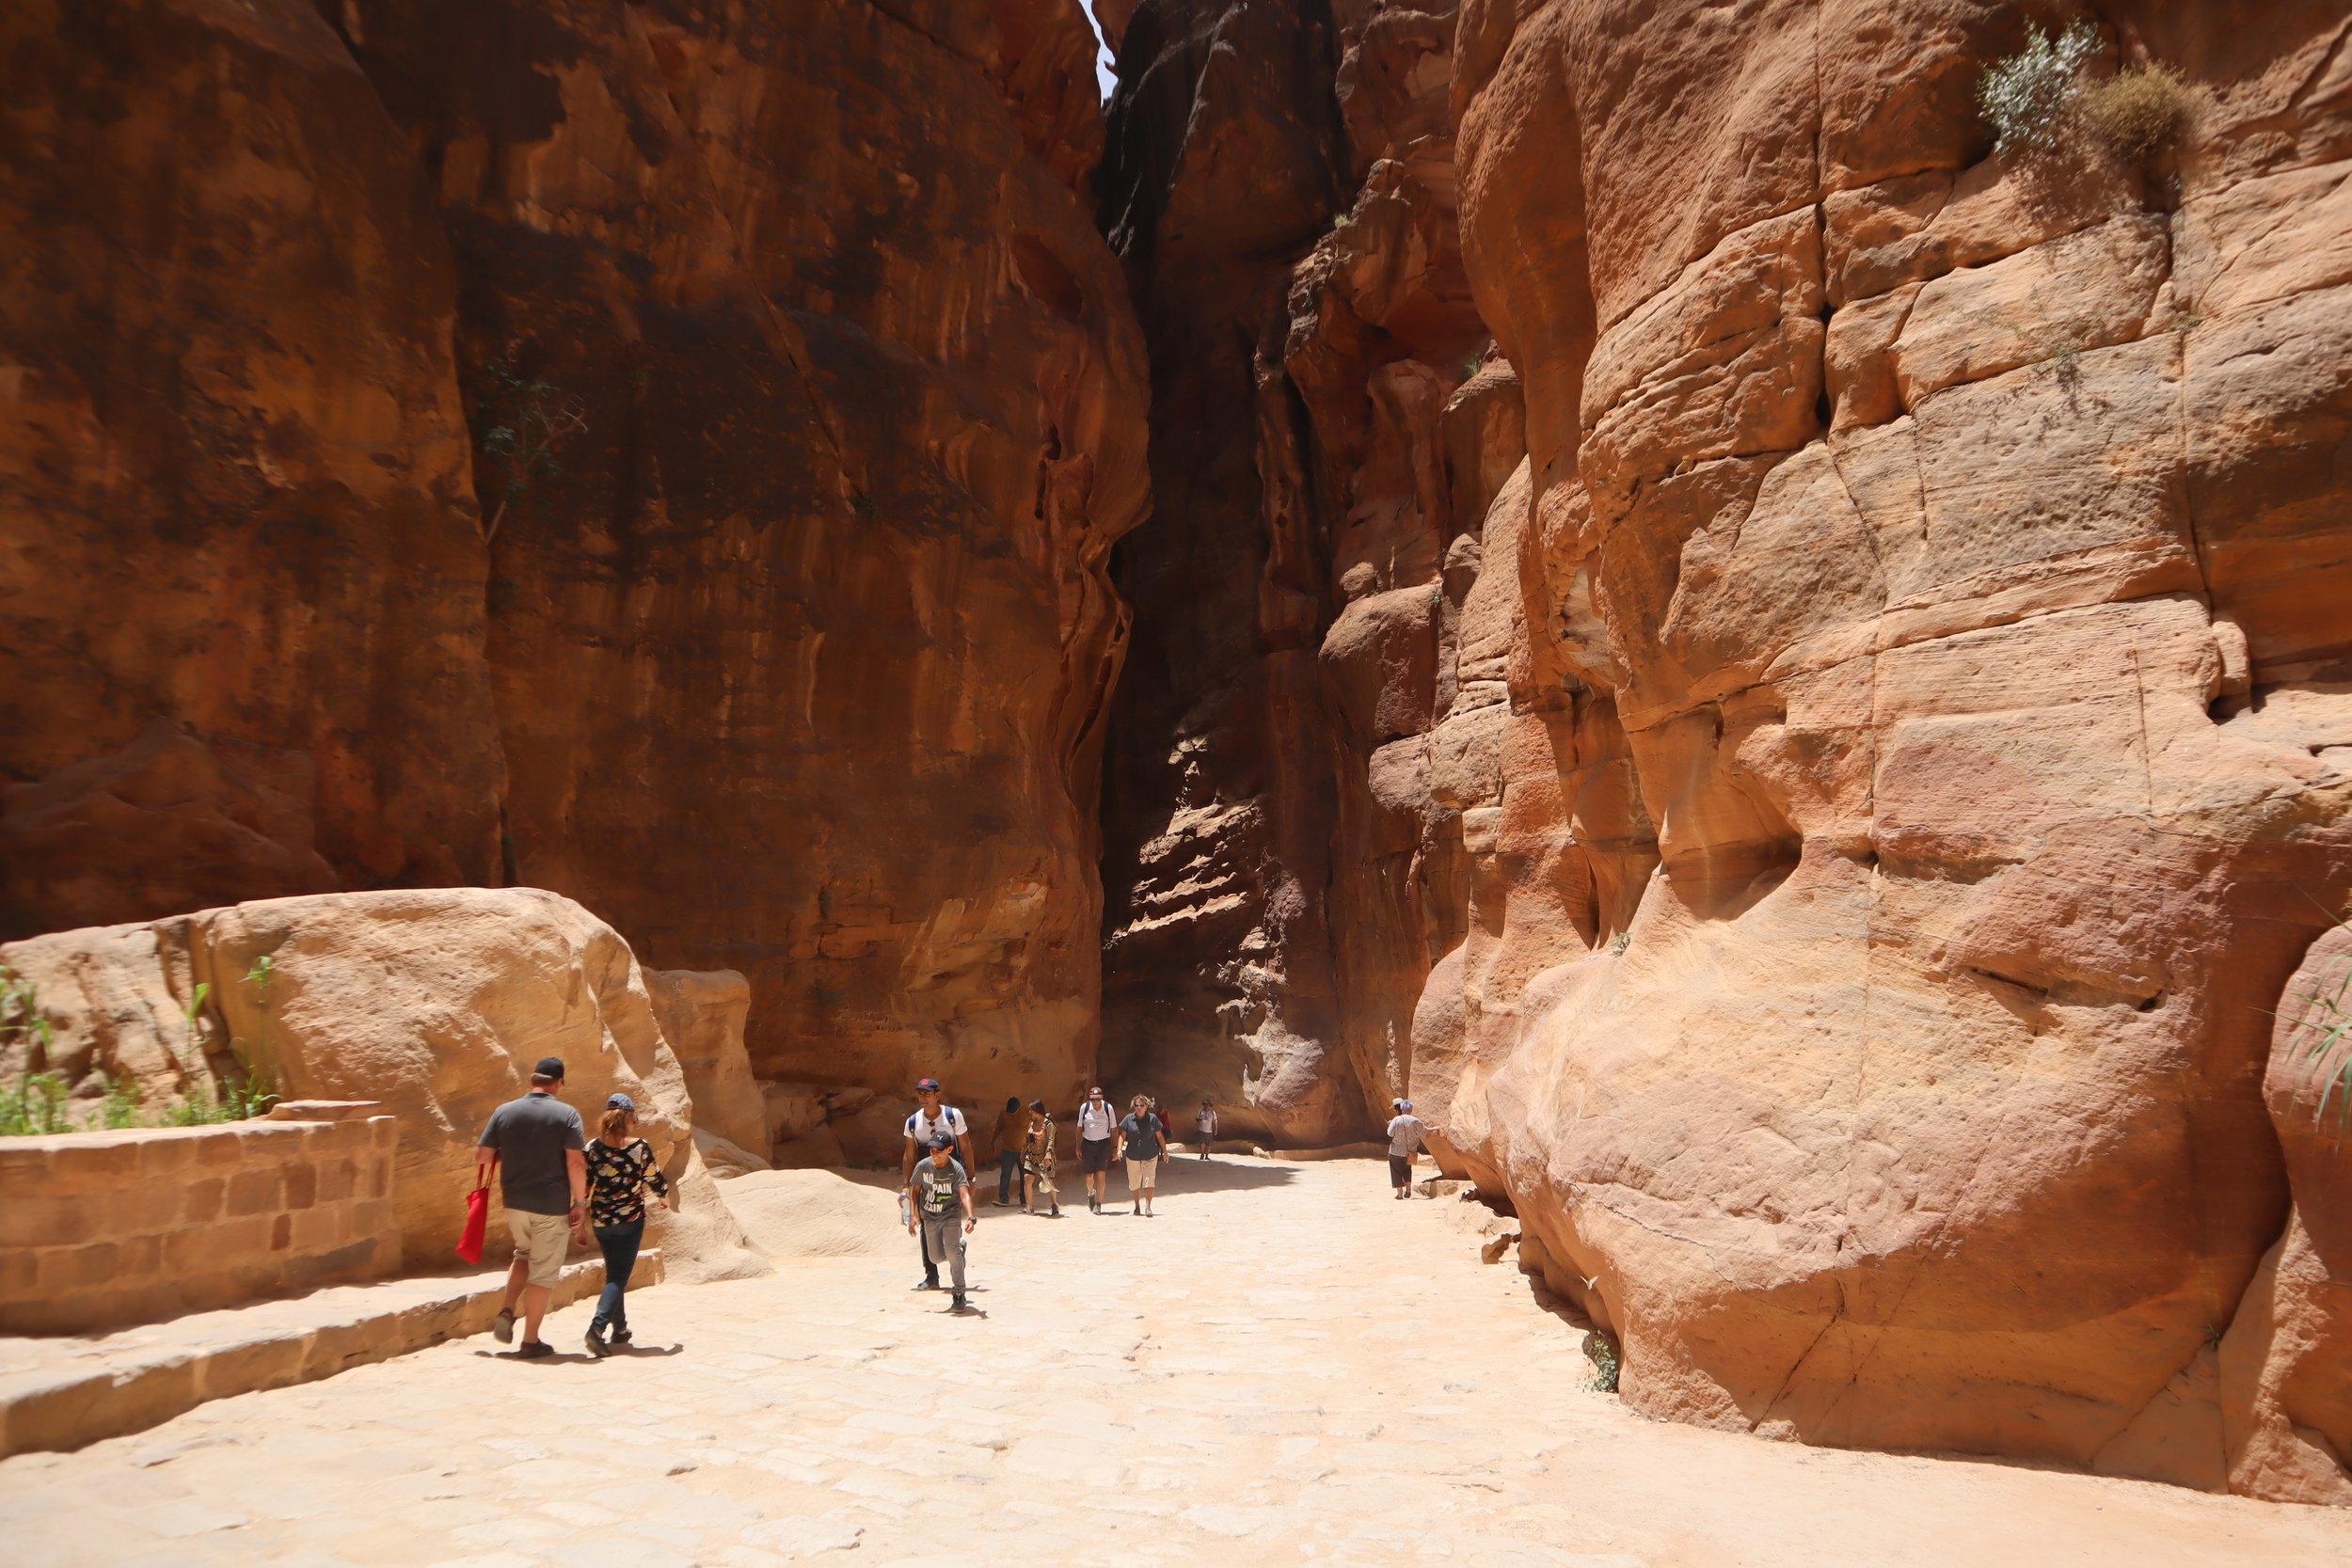 Petra, Jordan – Entrance to the Siq